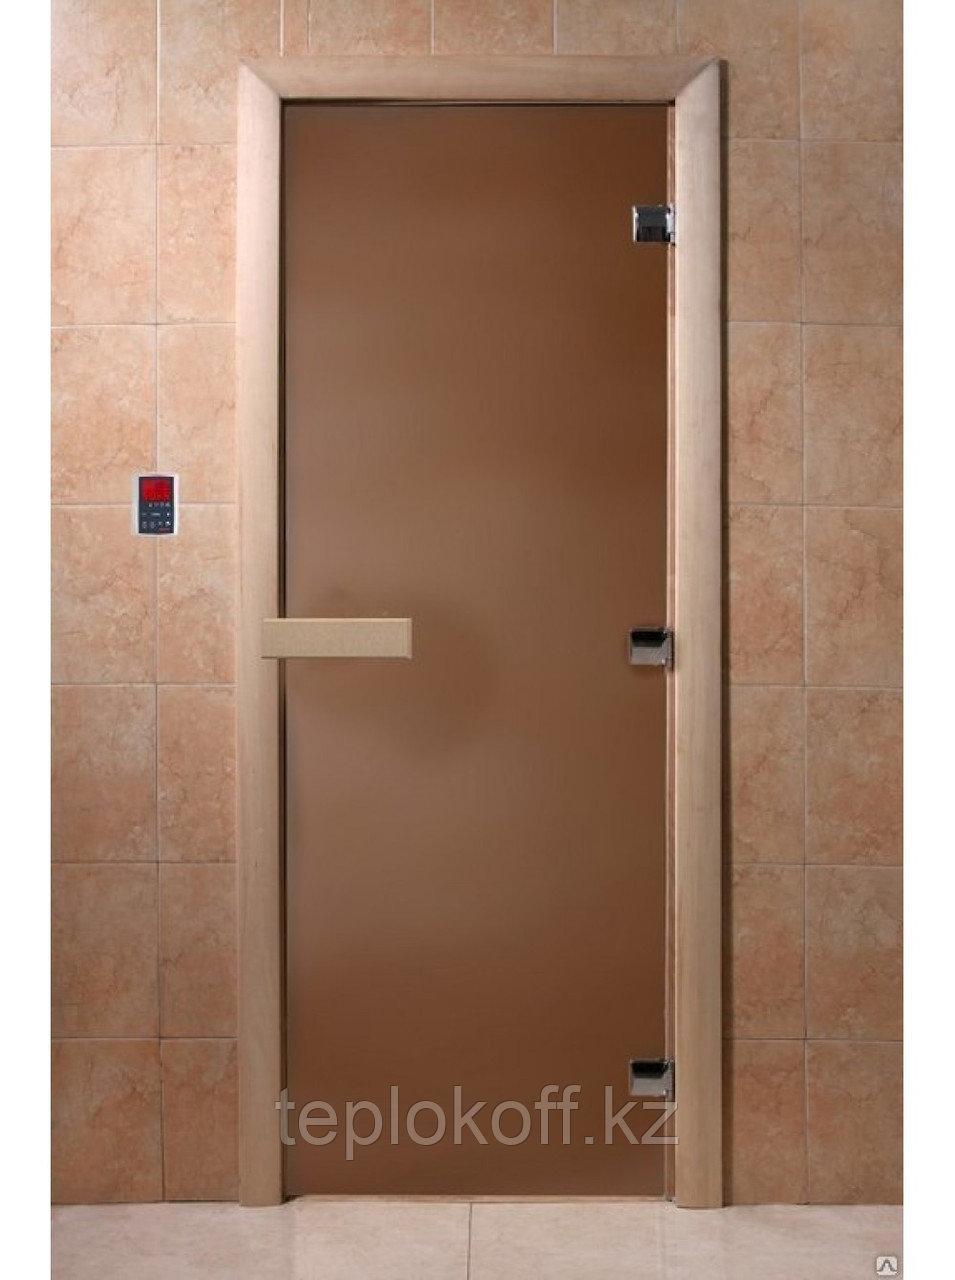 Дверь стеклянная DoorWood Теплая ночь (стекло бронза матовое 8 мм, 3 петли, коробка хвоя) 1900*700